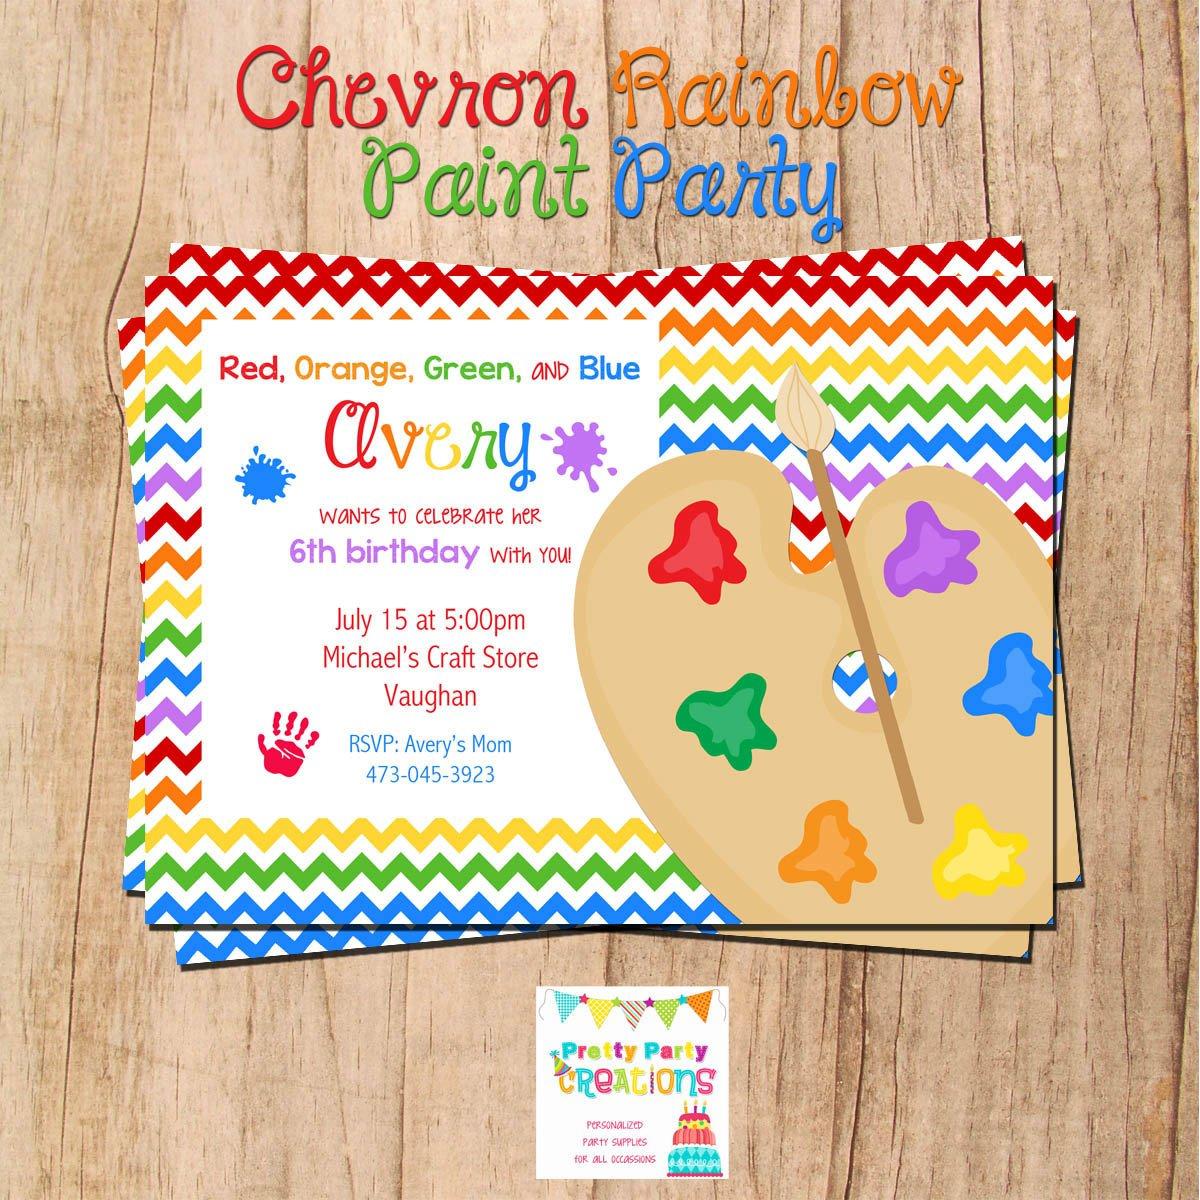 Chevron Party Invitations